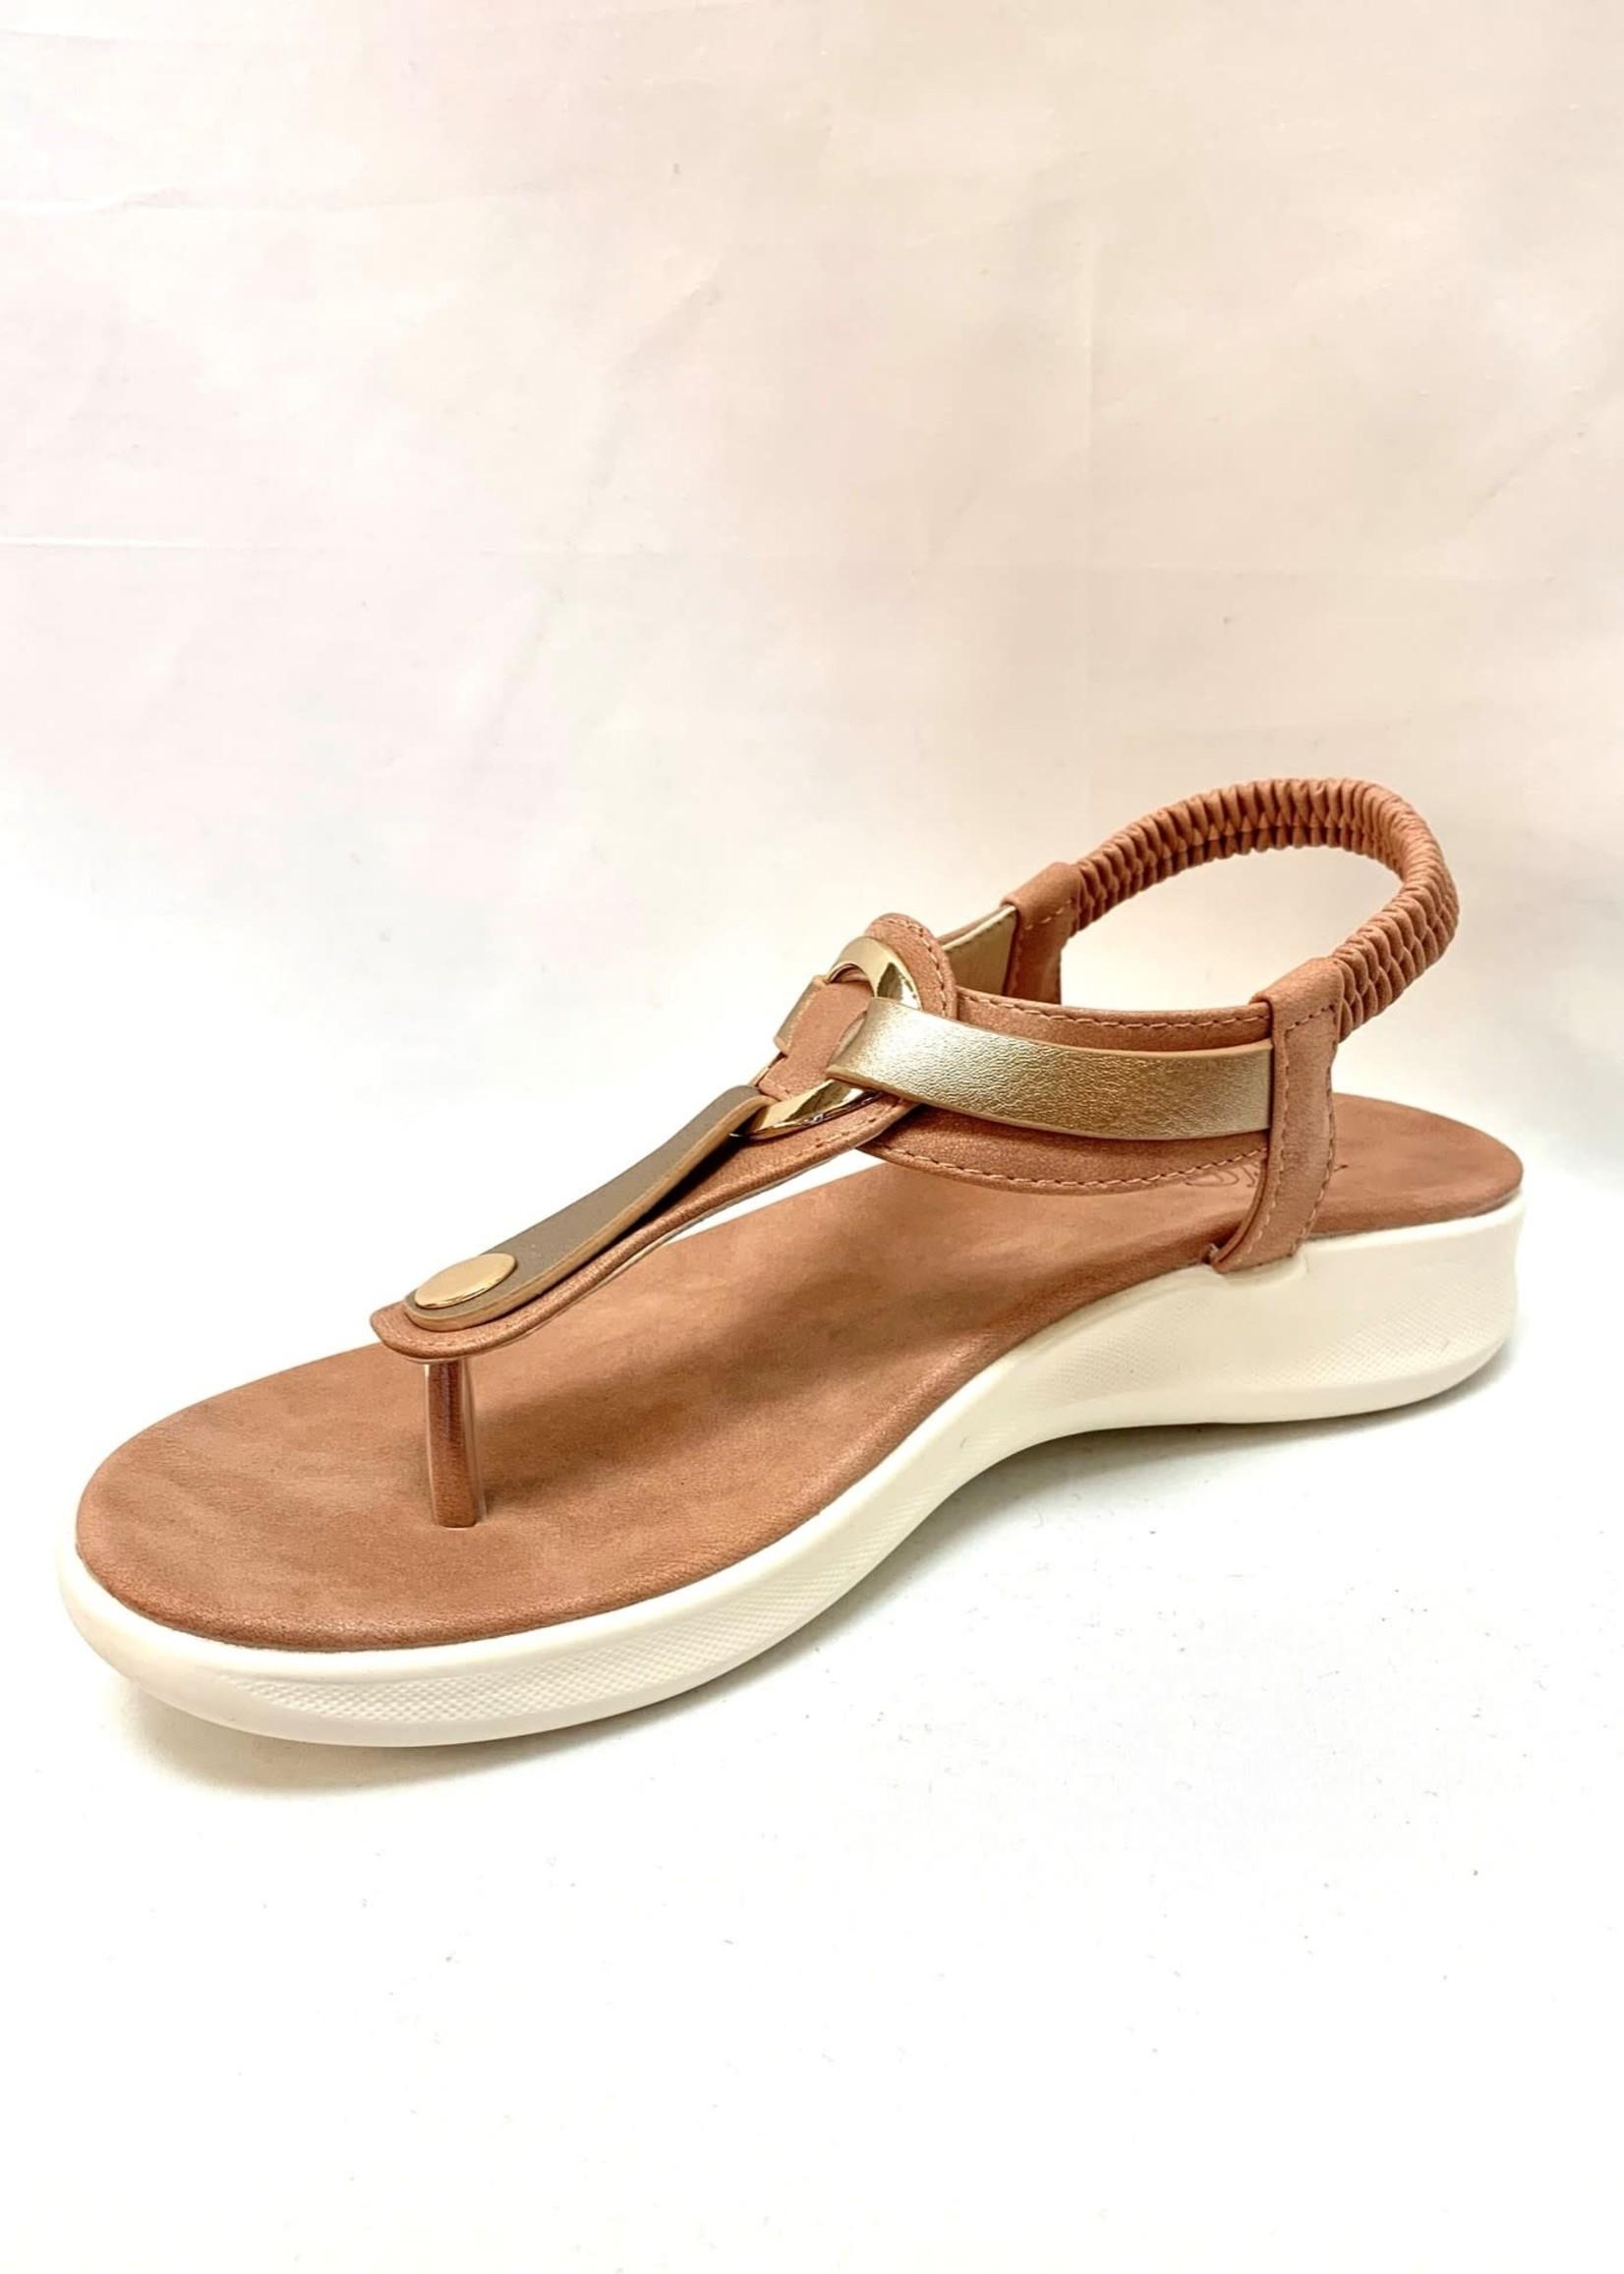 Cyc cyc thong sandal